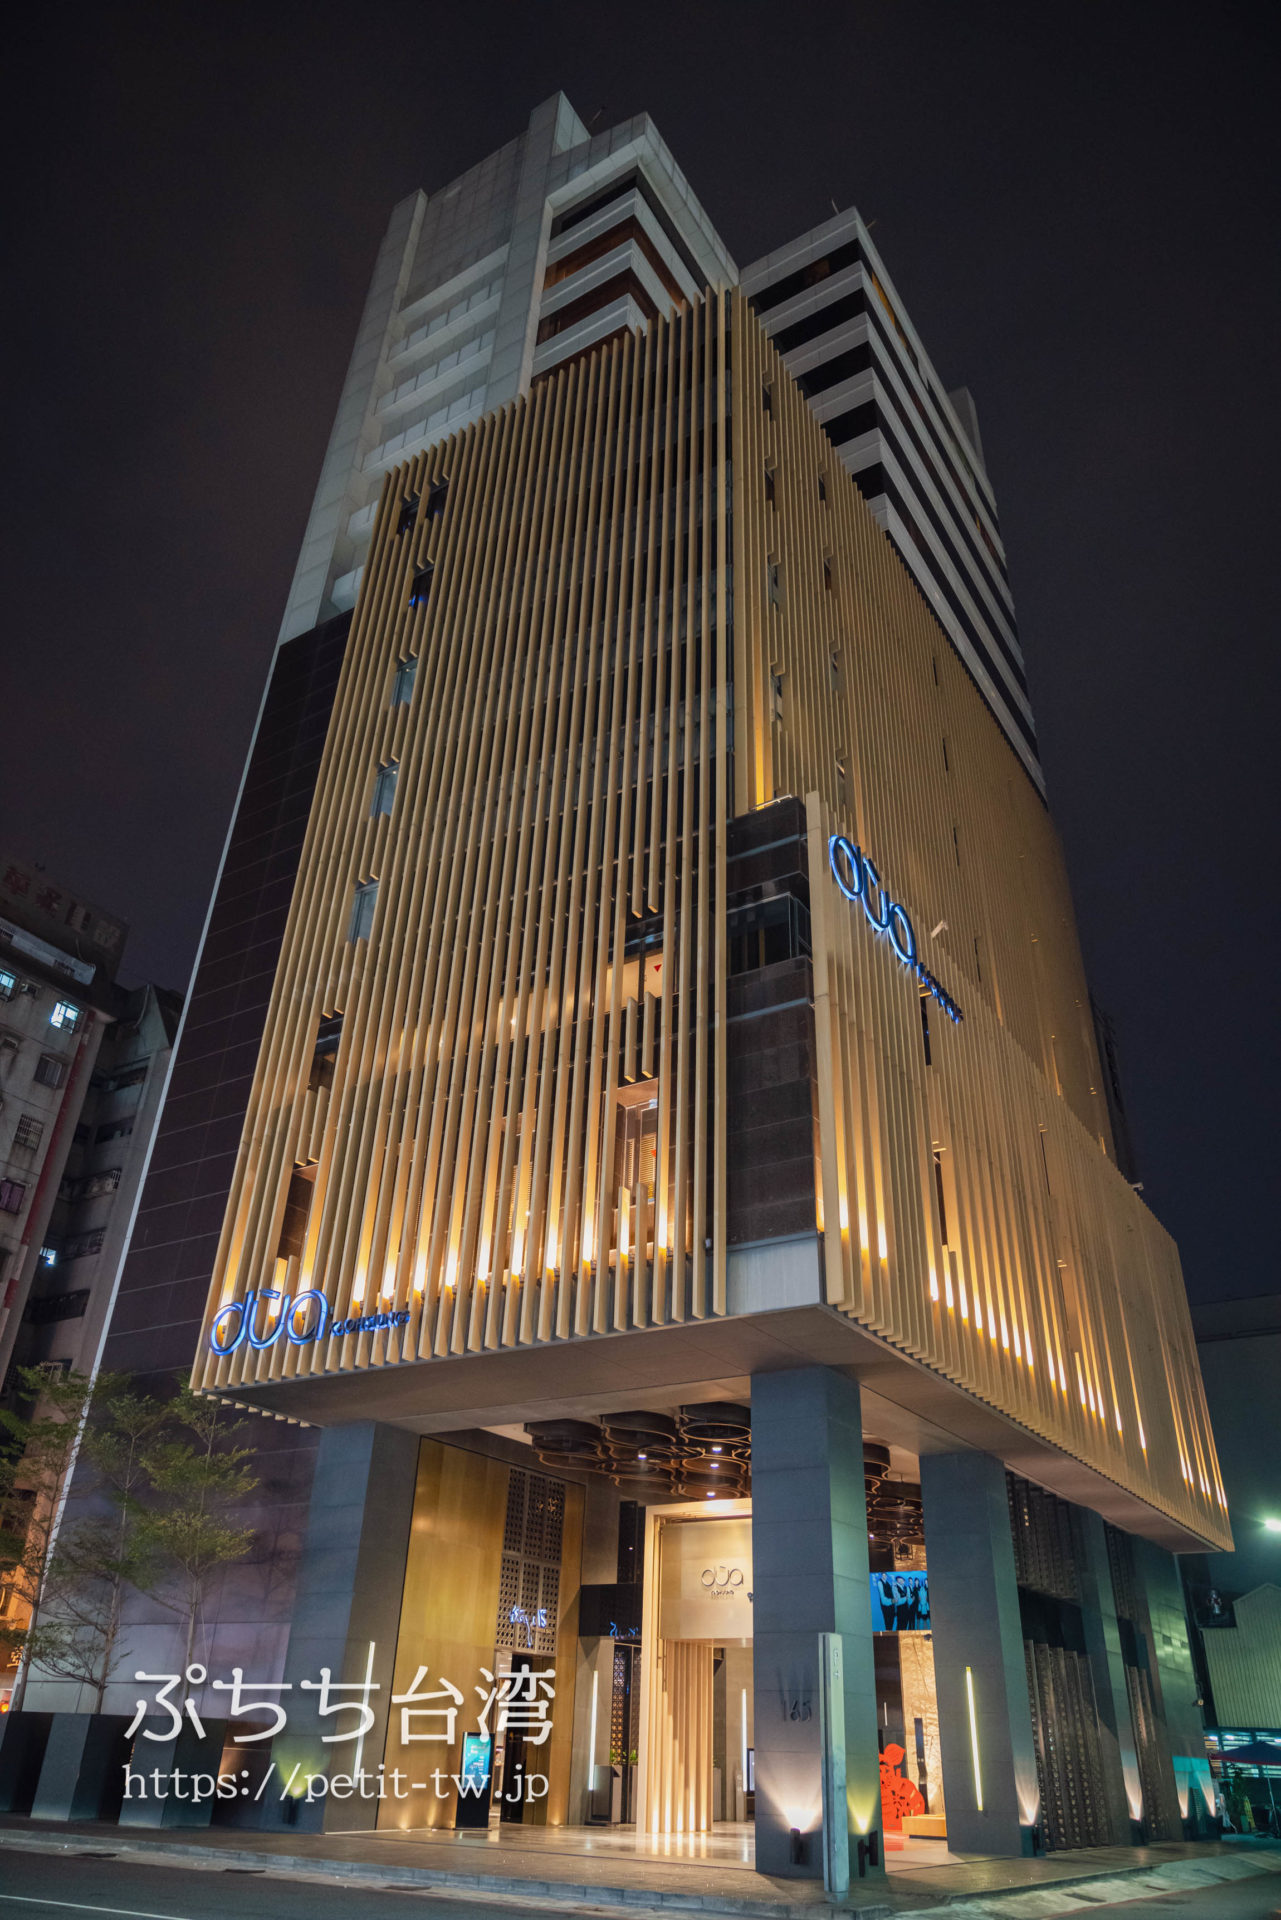 ホテル ドゥア高雄(住飯店、Hotel dùa)